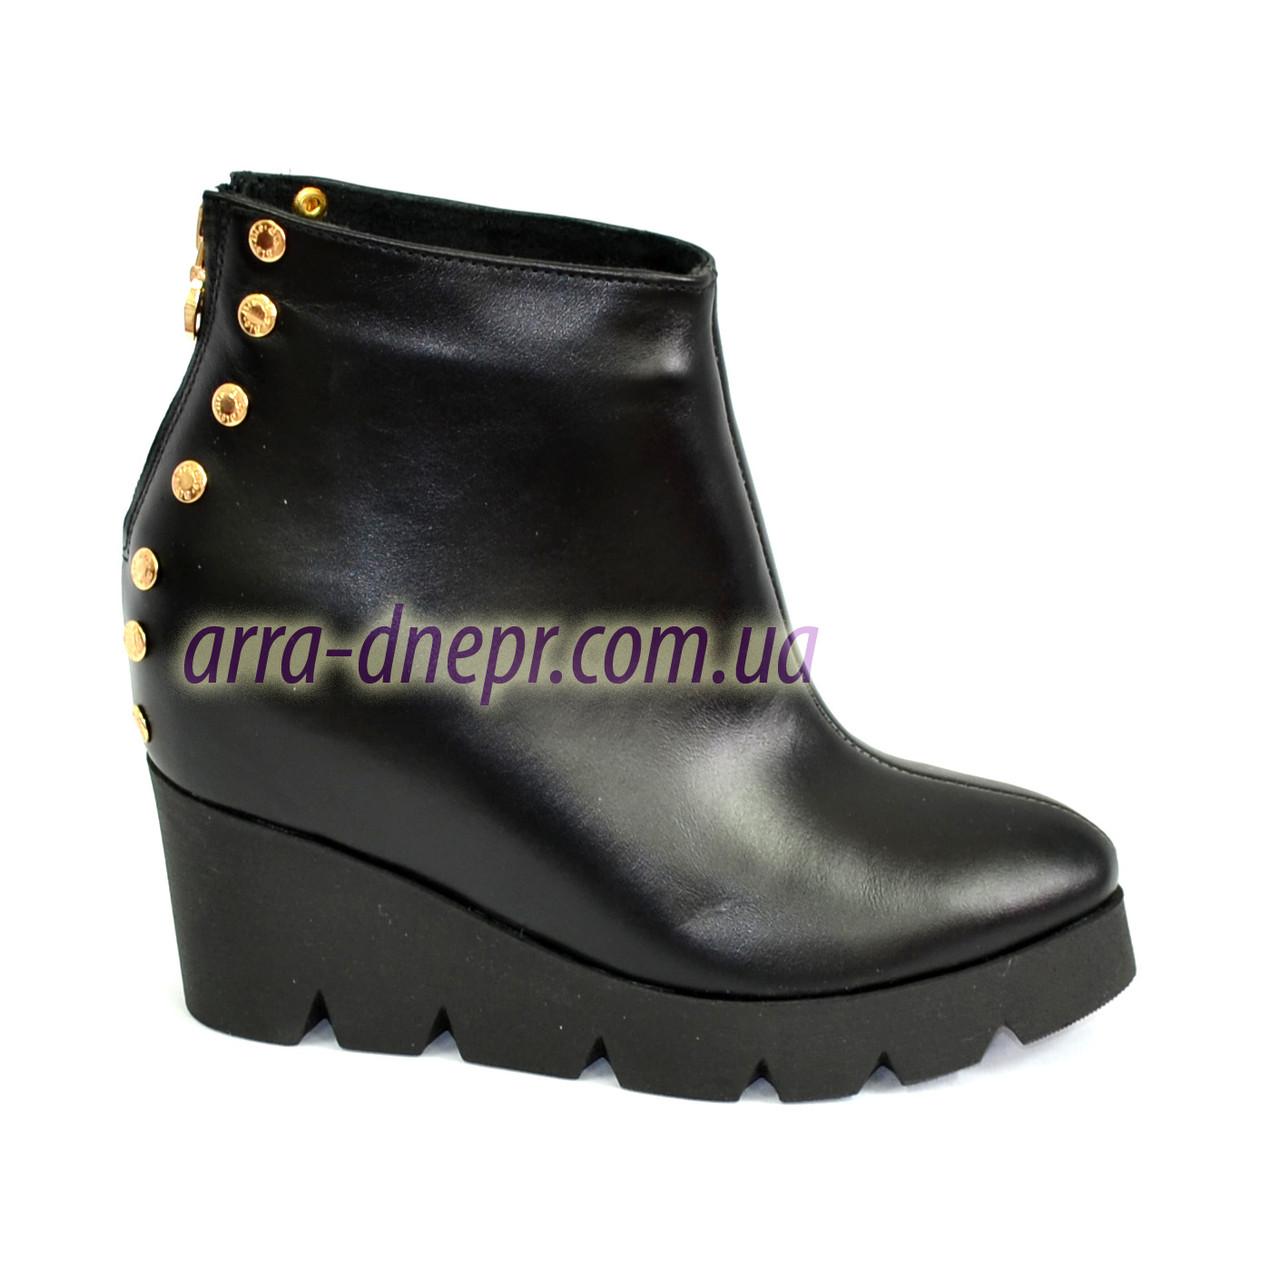 78c13313a Стильные женские ботинки на платформе из натуральной кожи черного цвета.  Демисезонные.